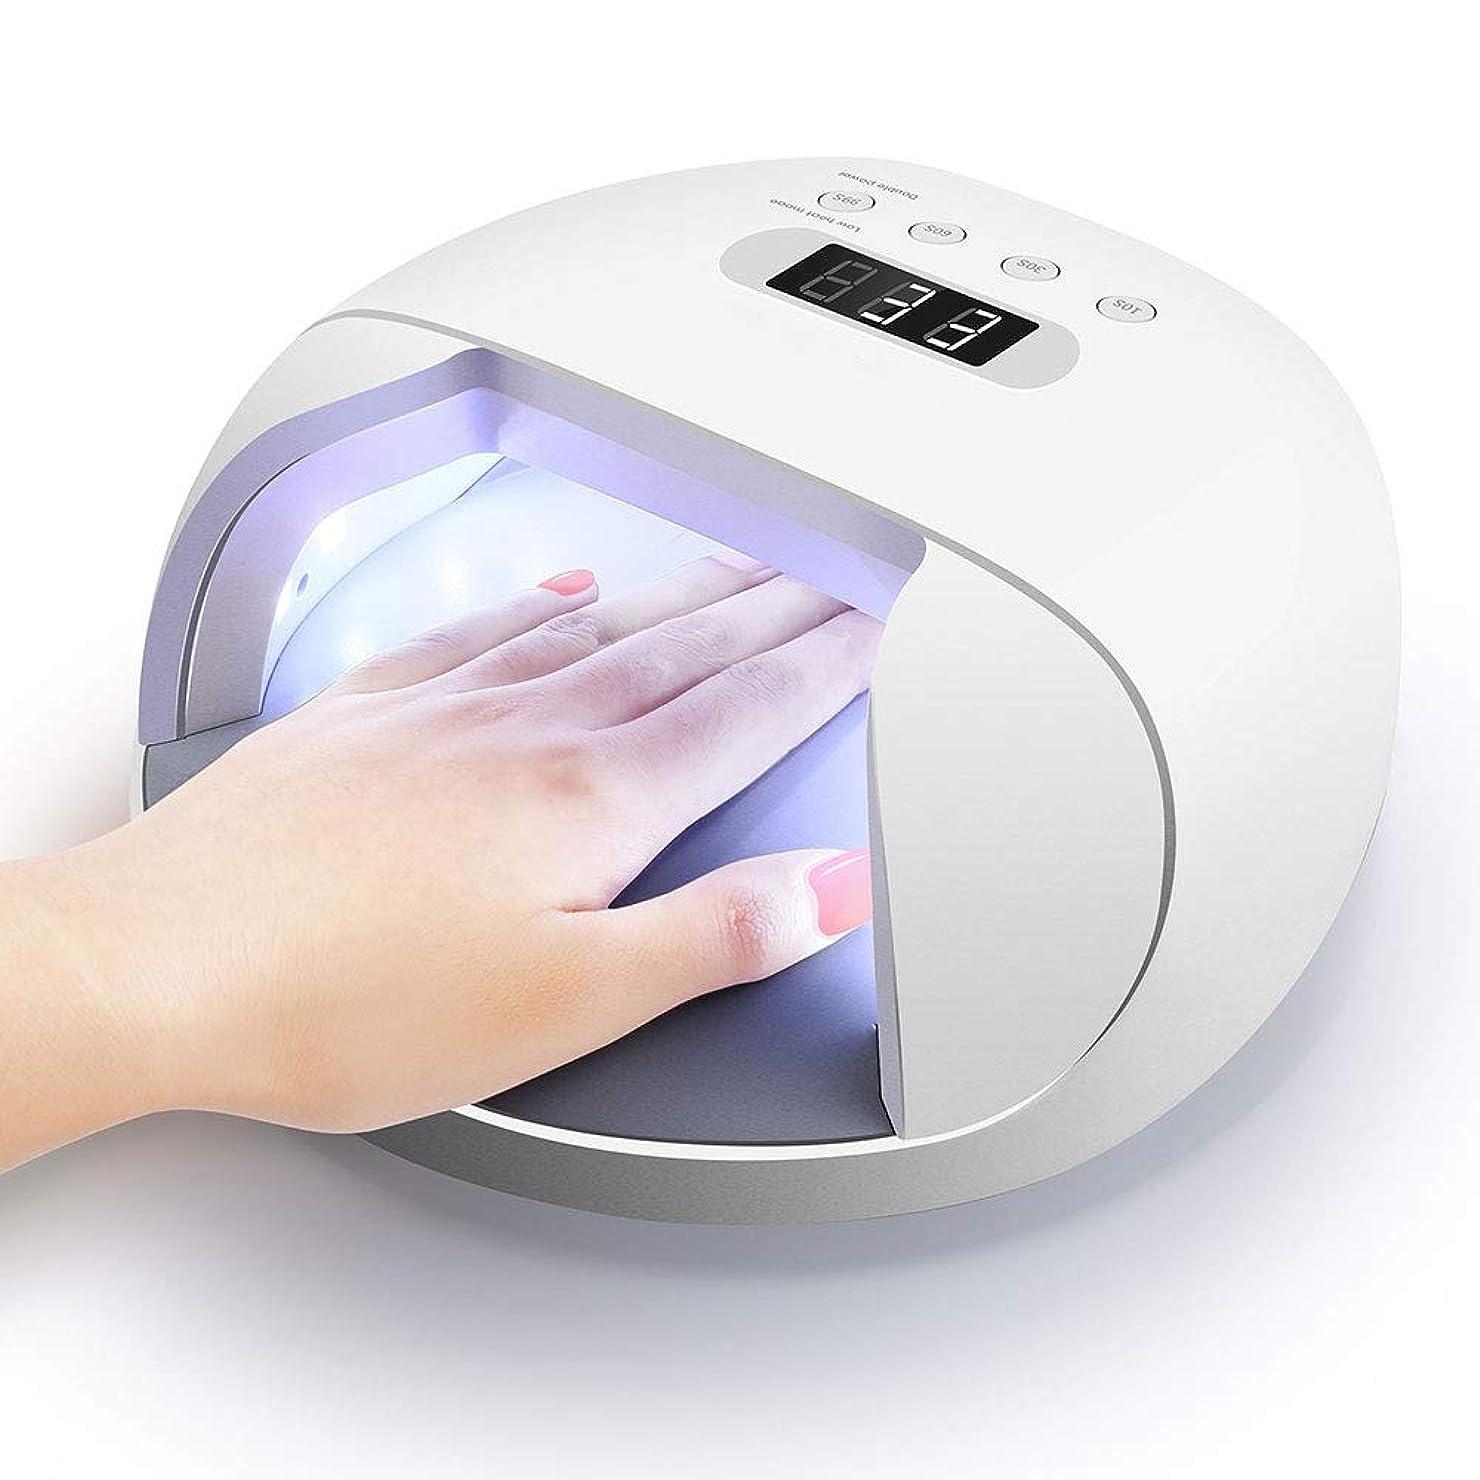 異なる寂しい可能にする48W UV ネイルドライヤー Led ネイルランプスマートライトジェルネイル用ダブルパワーデザイン4タイマー設定 Lcd ディスプレイ無痛硬化過熱保護